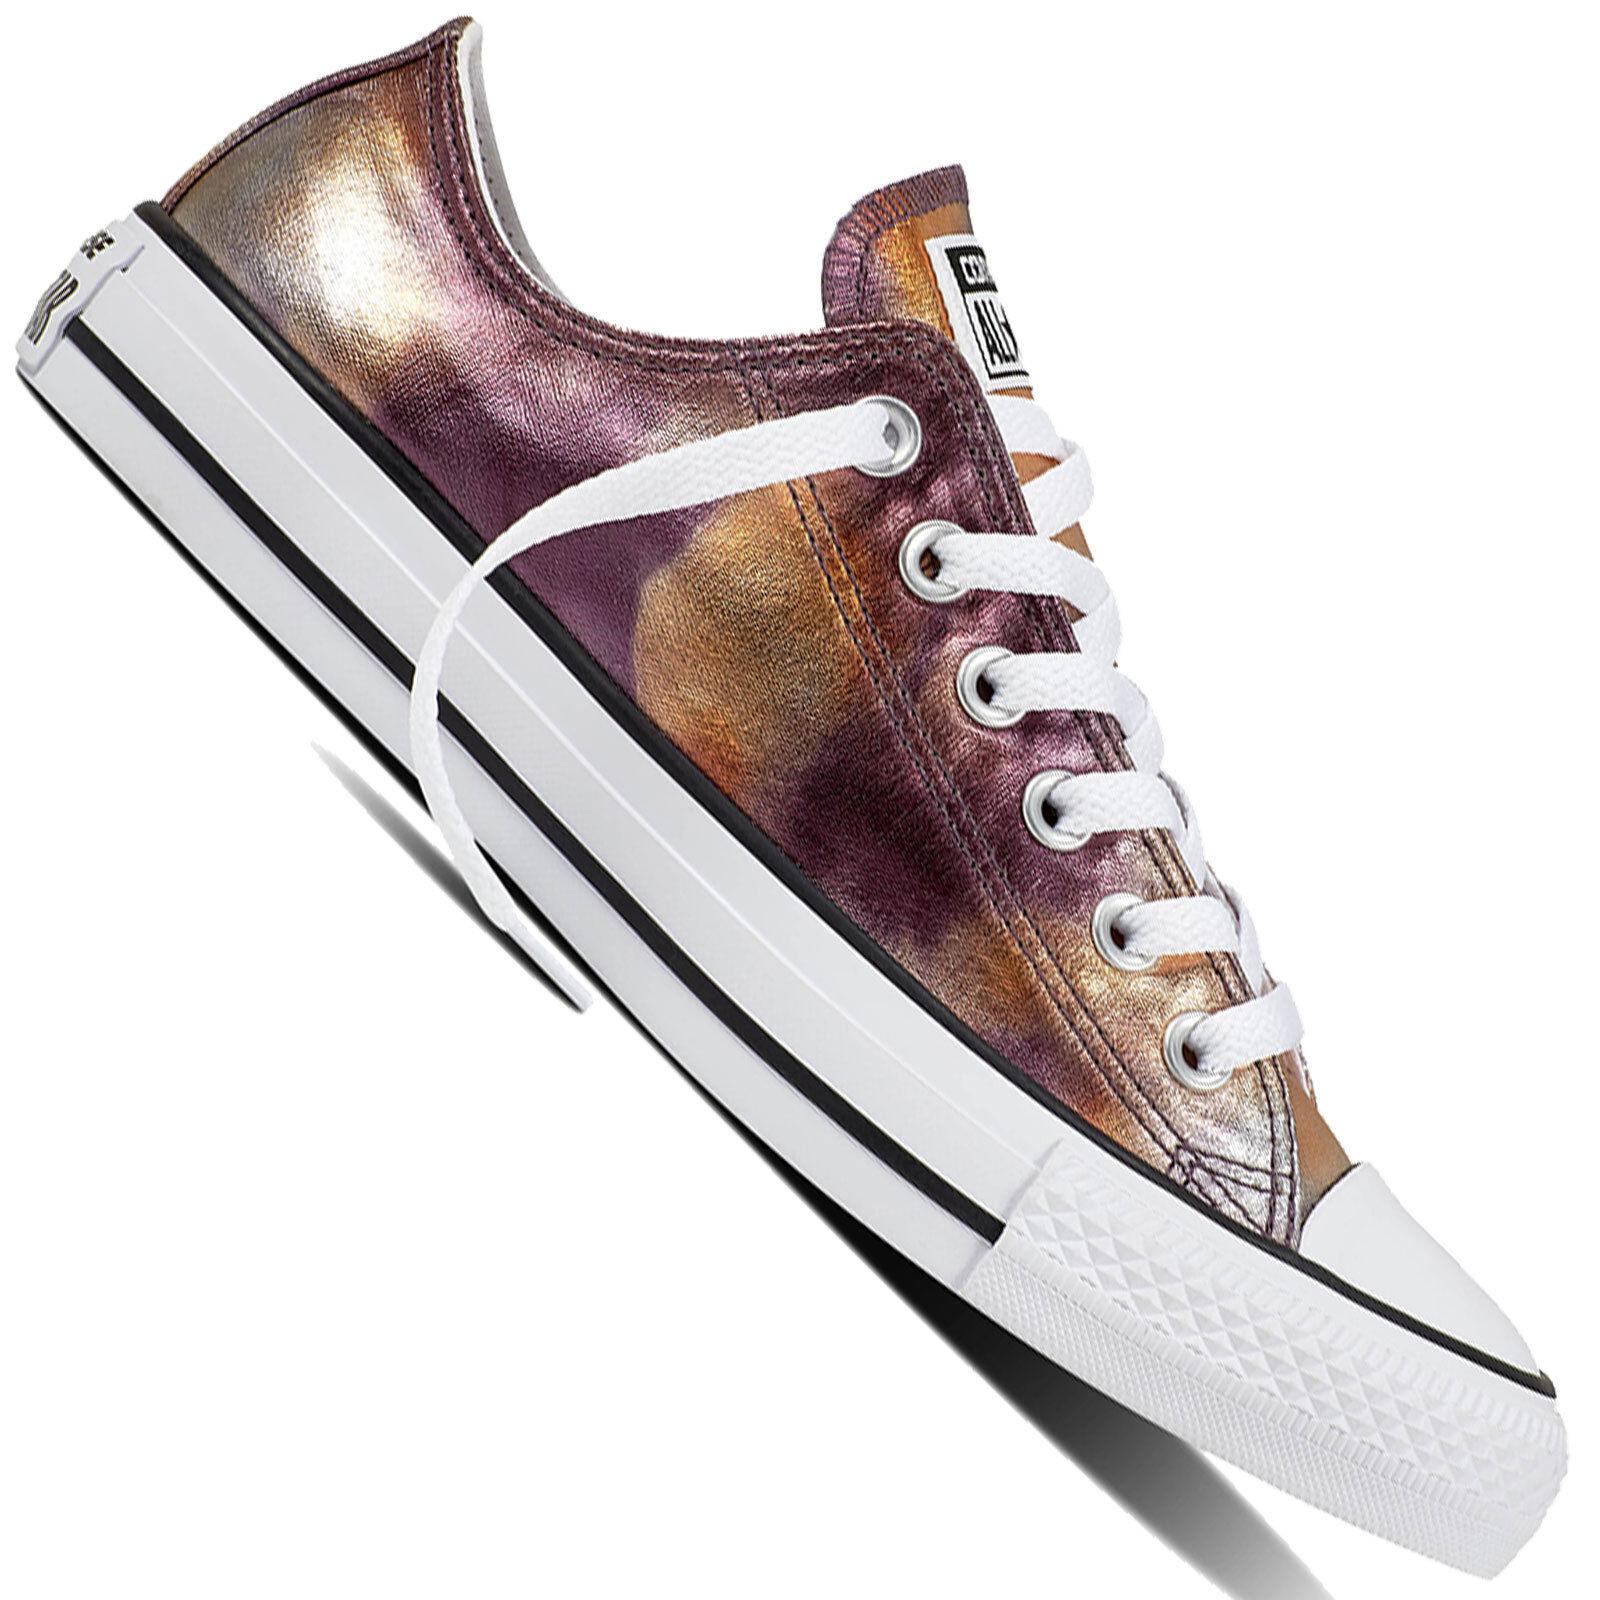 Converse Chuck Taylor All Star Ox Women's Women's Women's Sneaker Gym shoes Metallic gold Chucks 7120a8